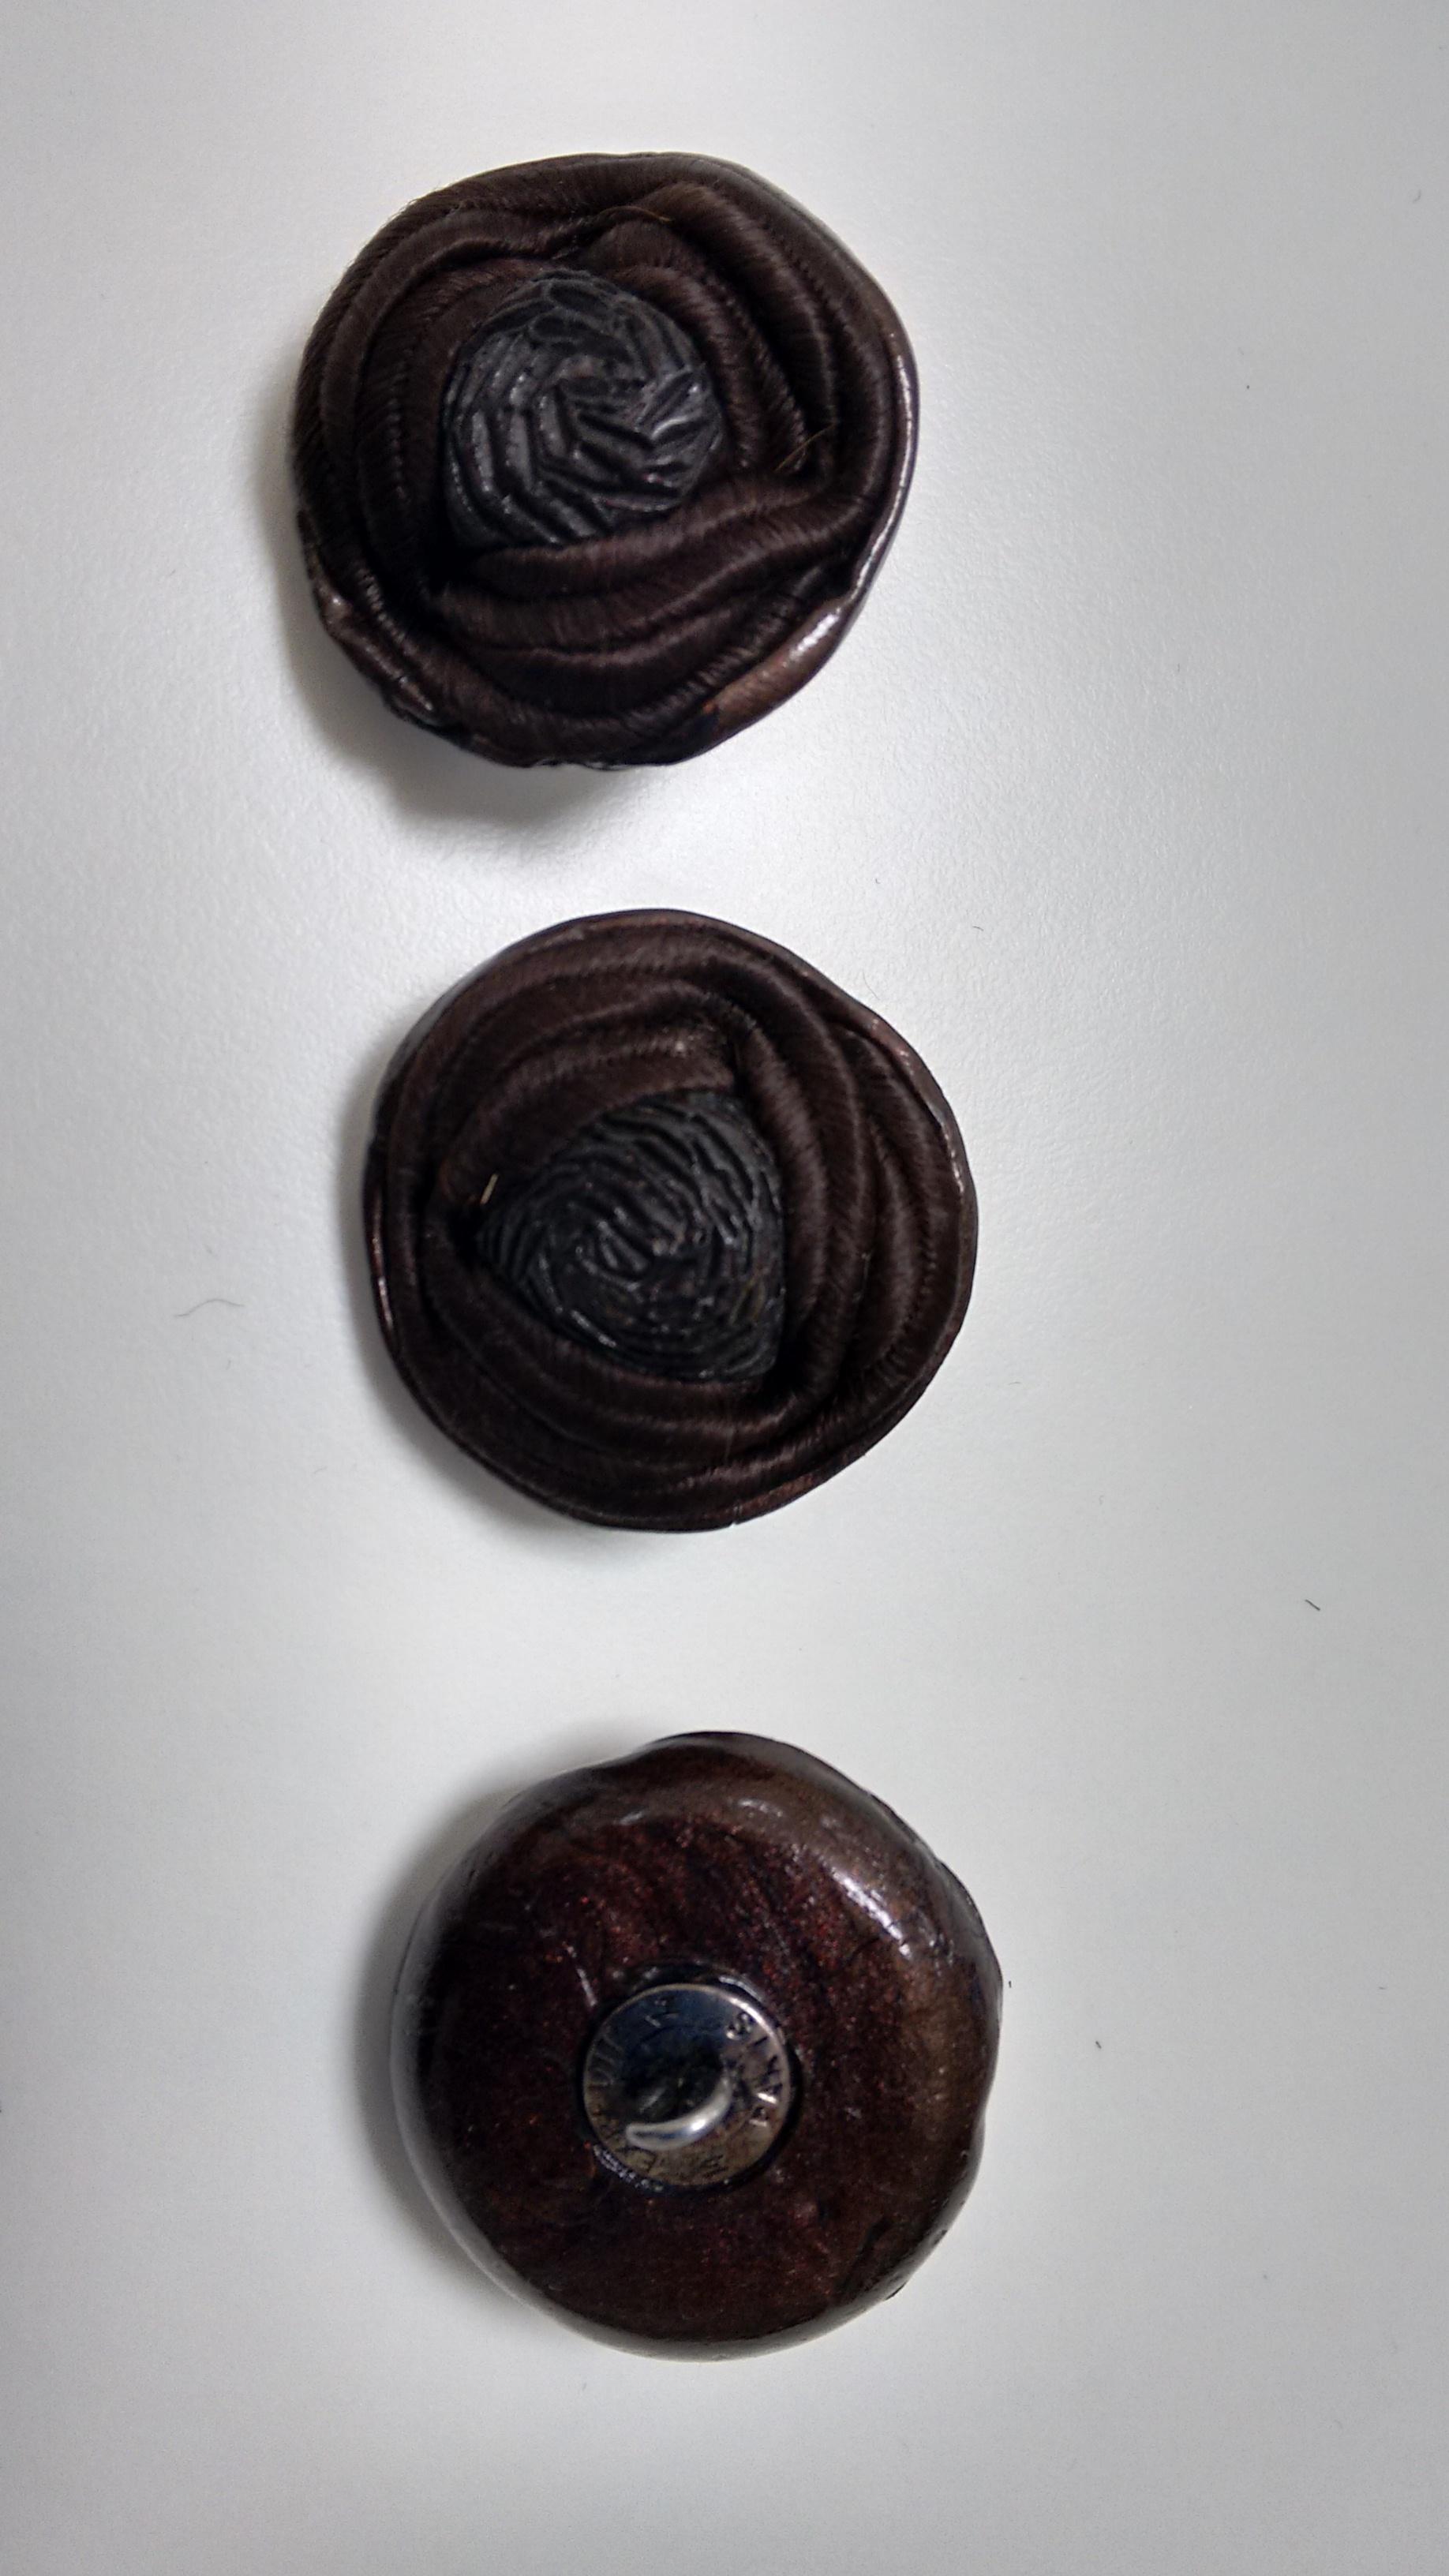 Botones  de pasamaneria, pasta y cordoncillo